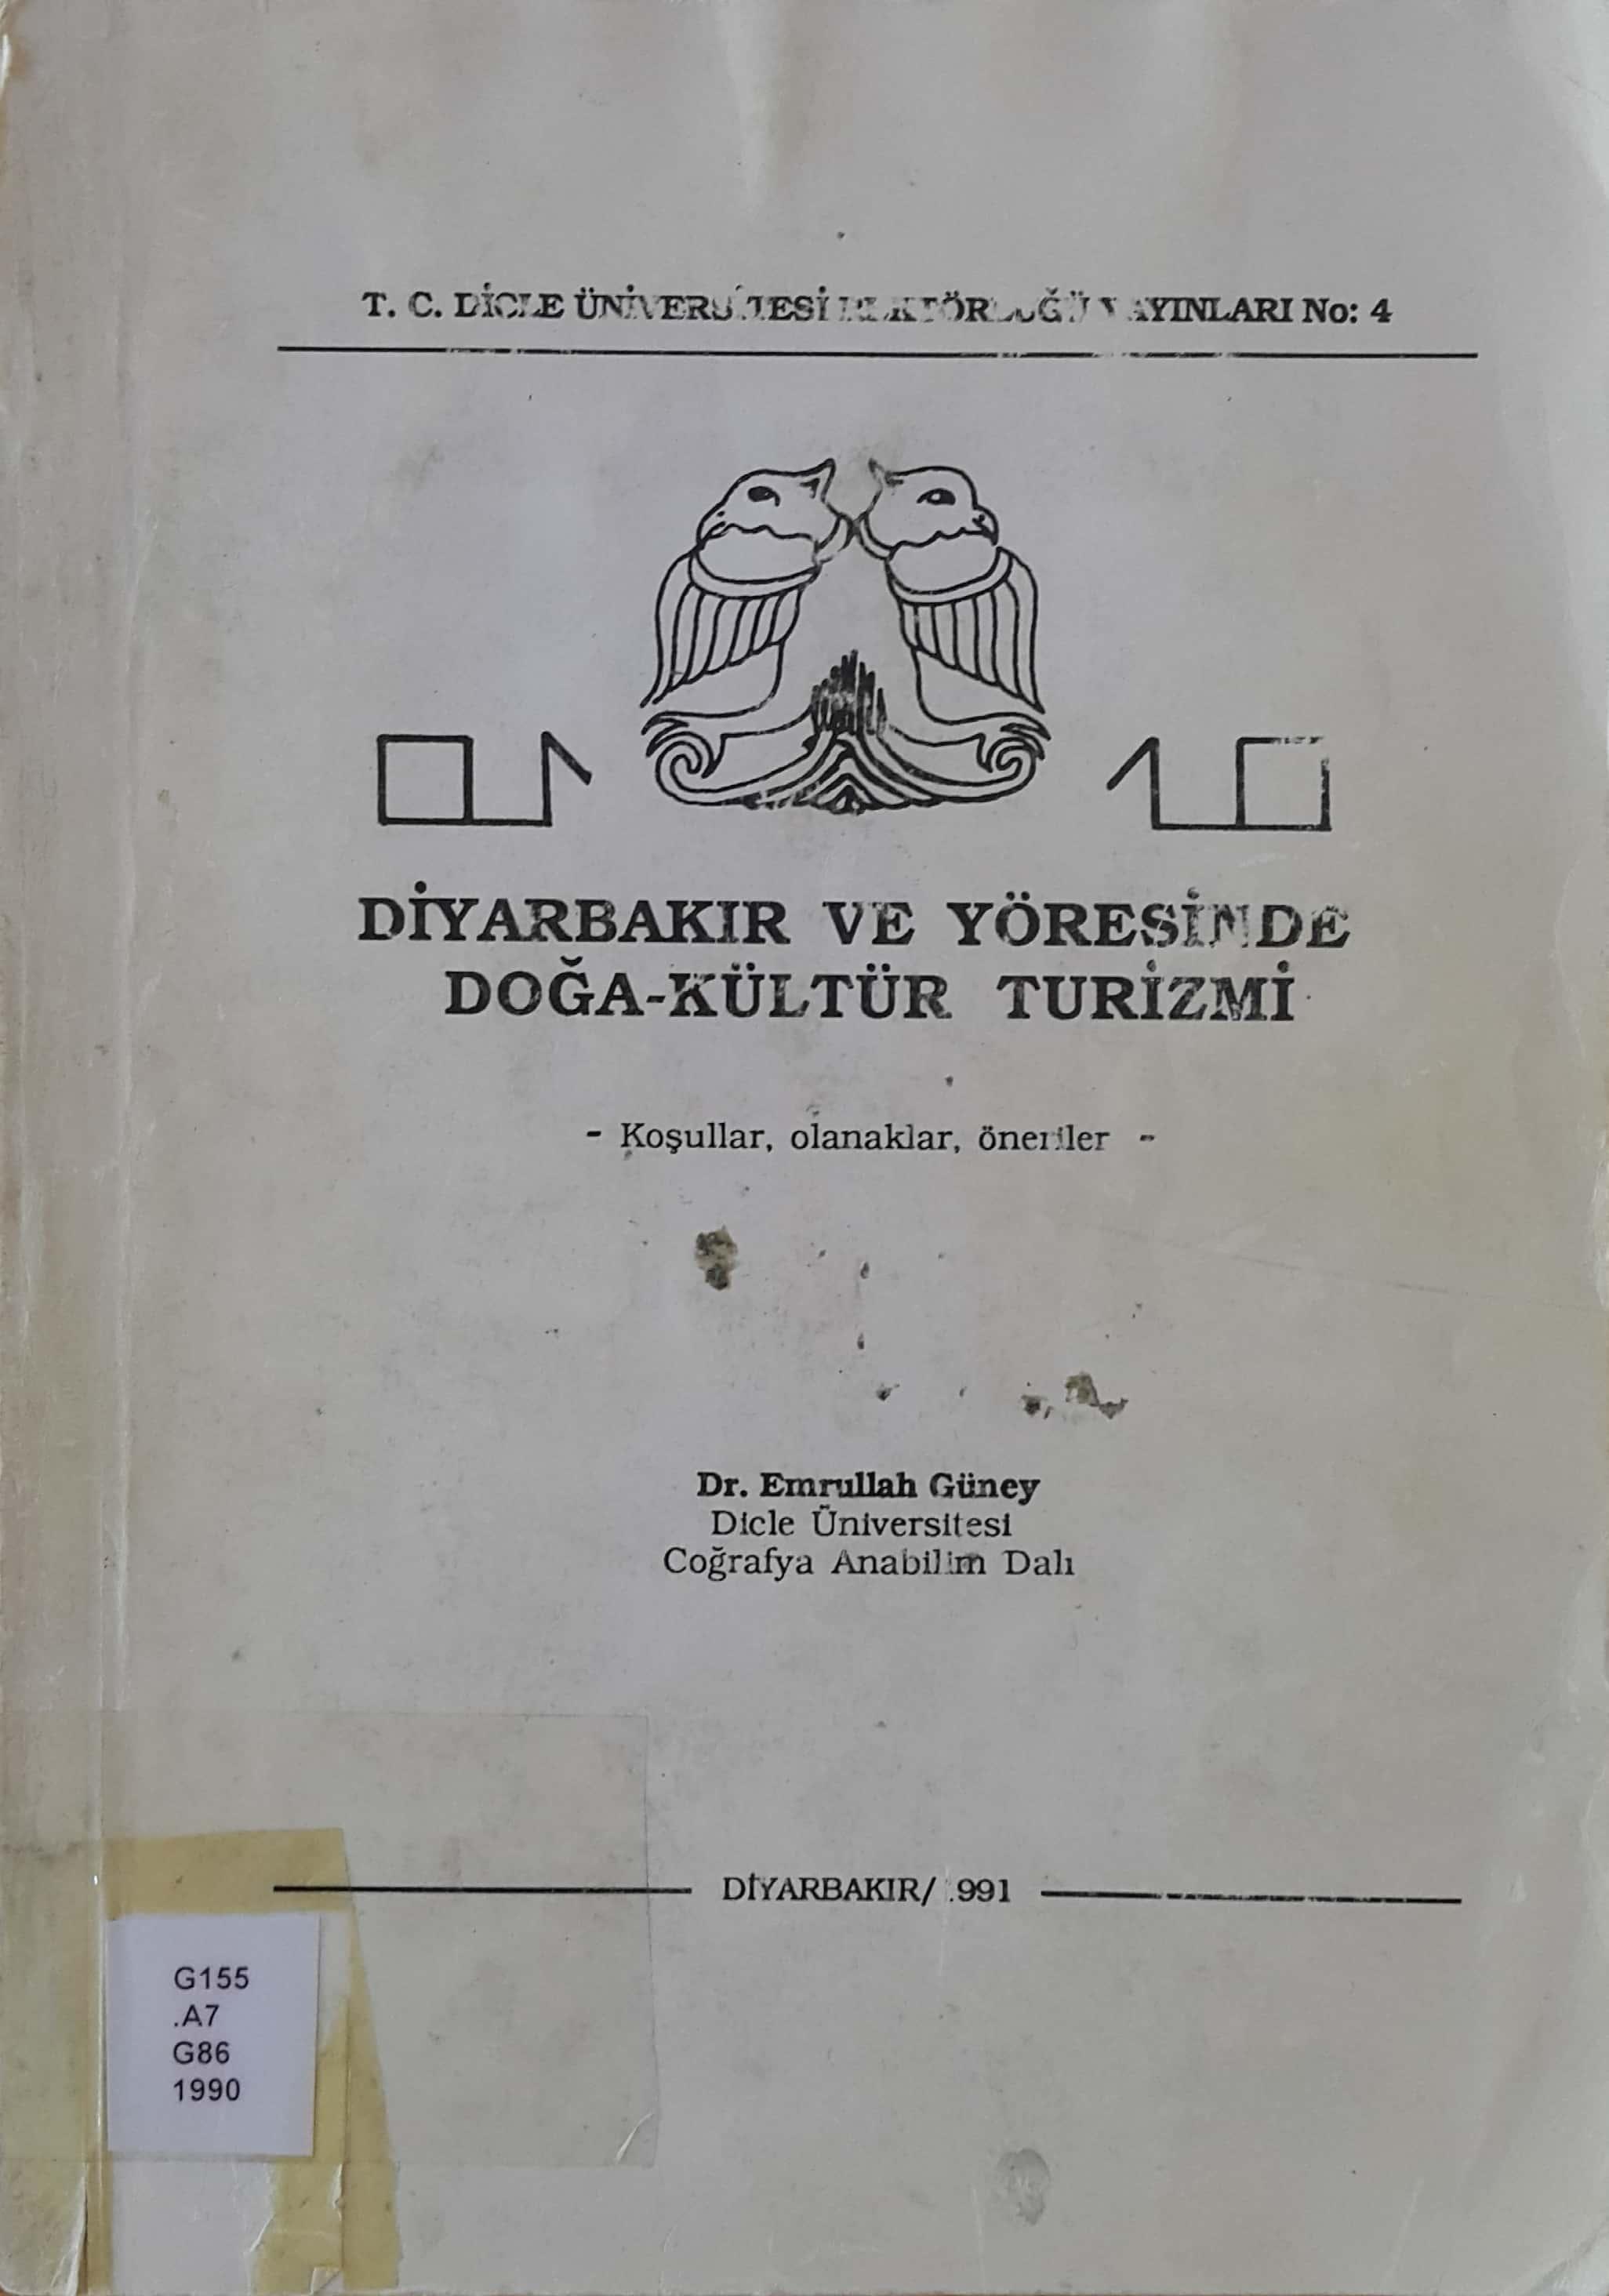 Diyarbakır ve Yöresinde Doğa-Kültür Turizmi Kitap Kapağı